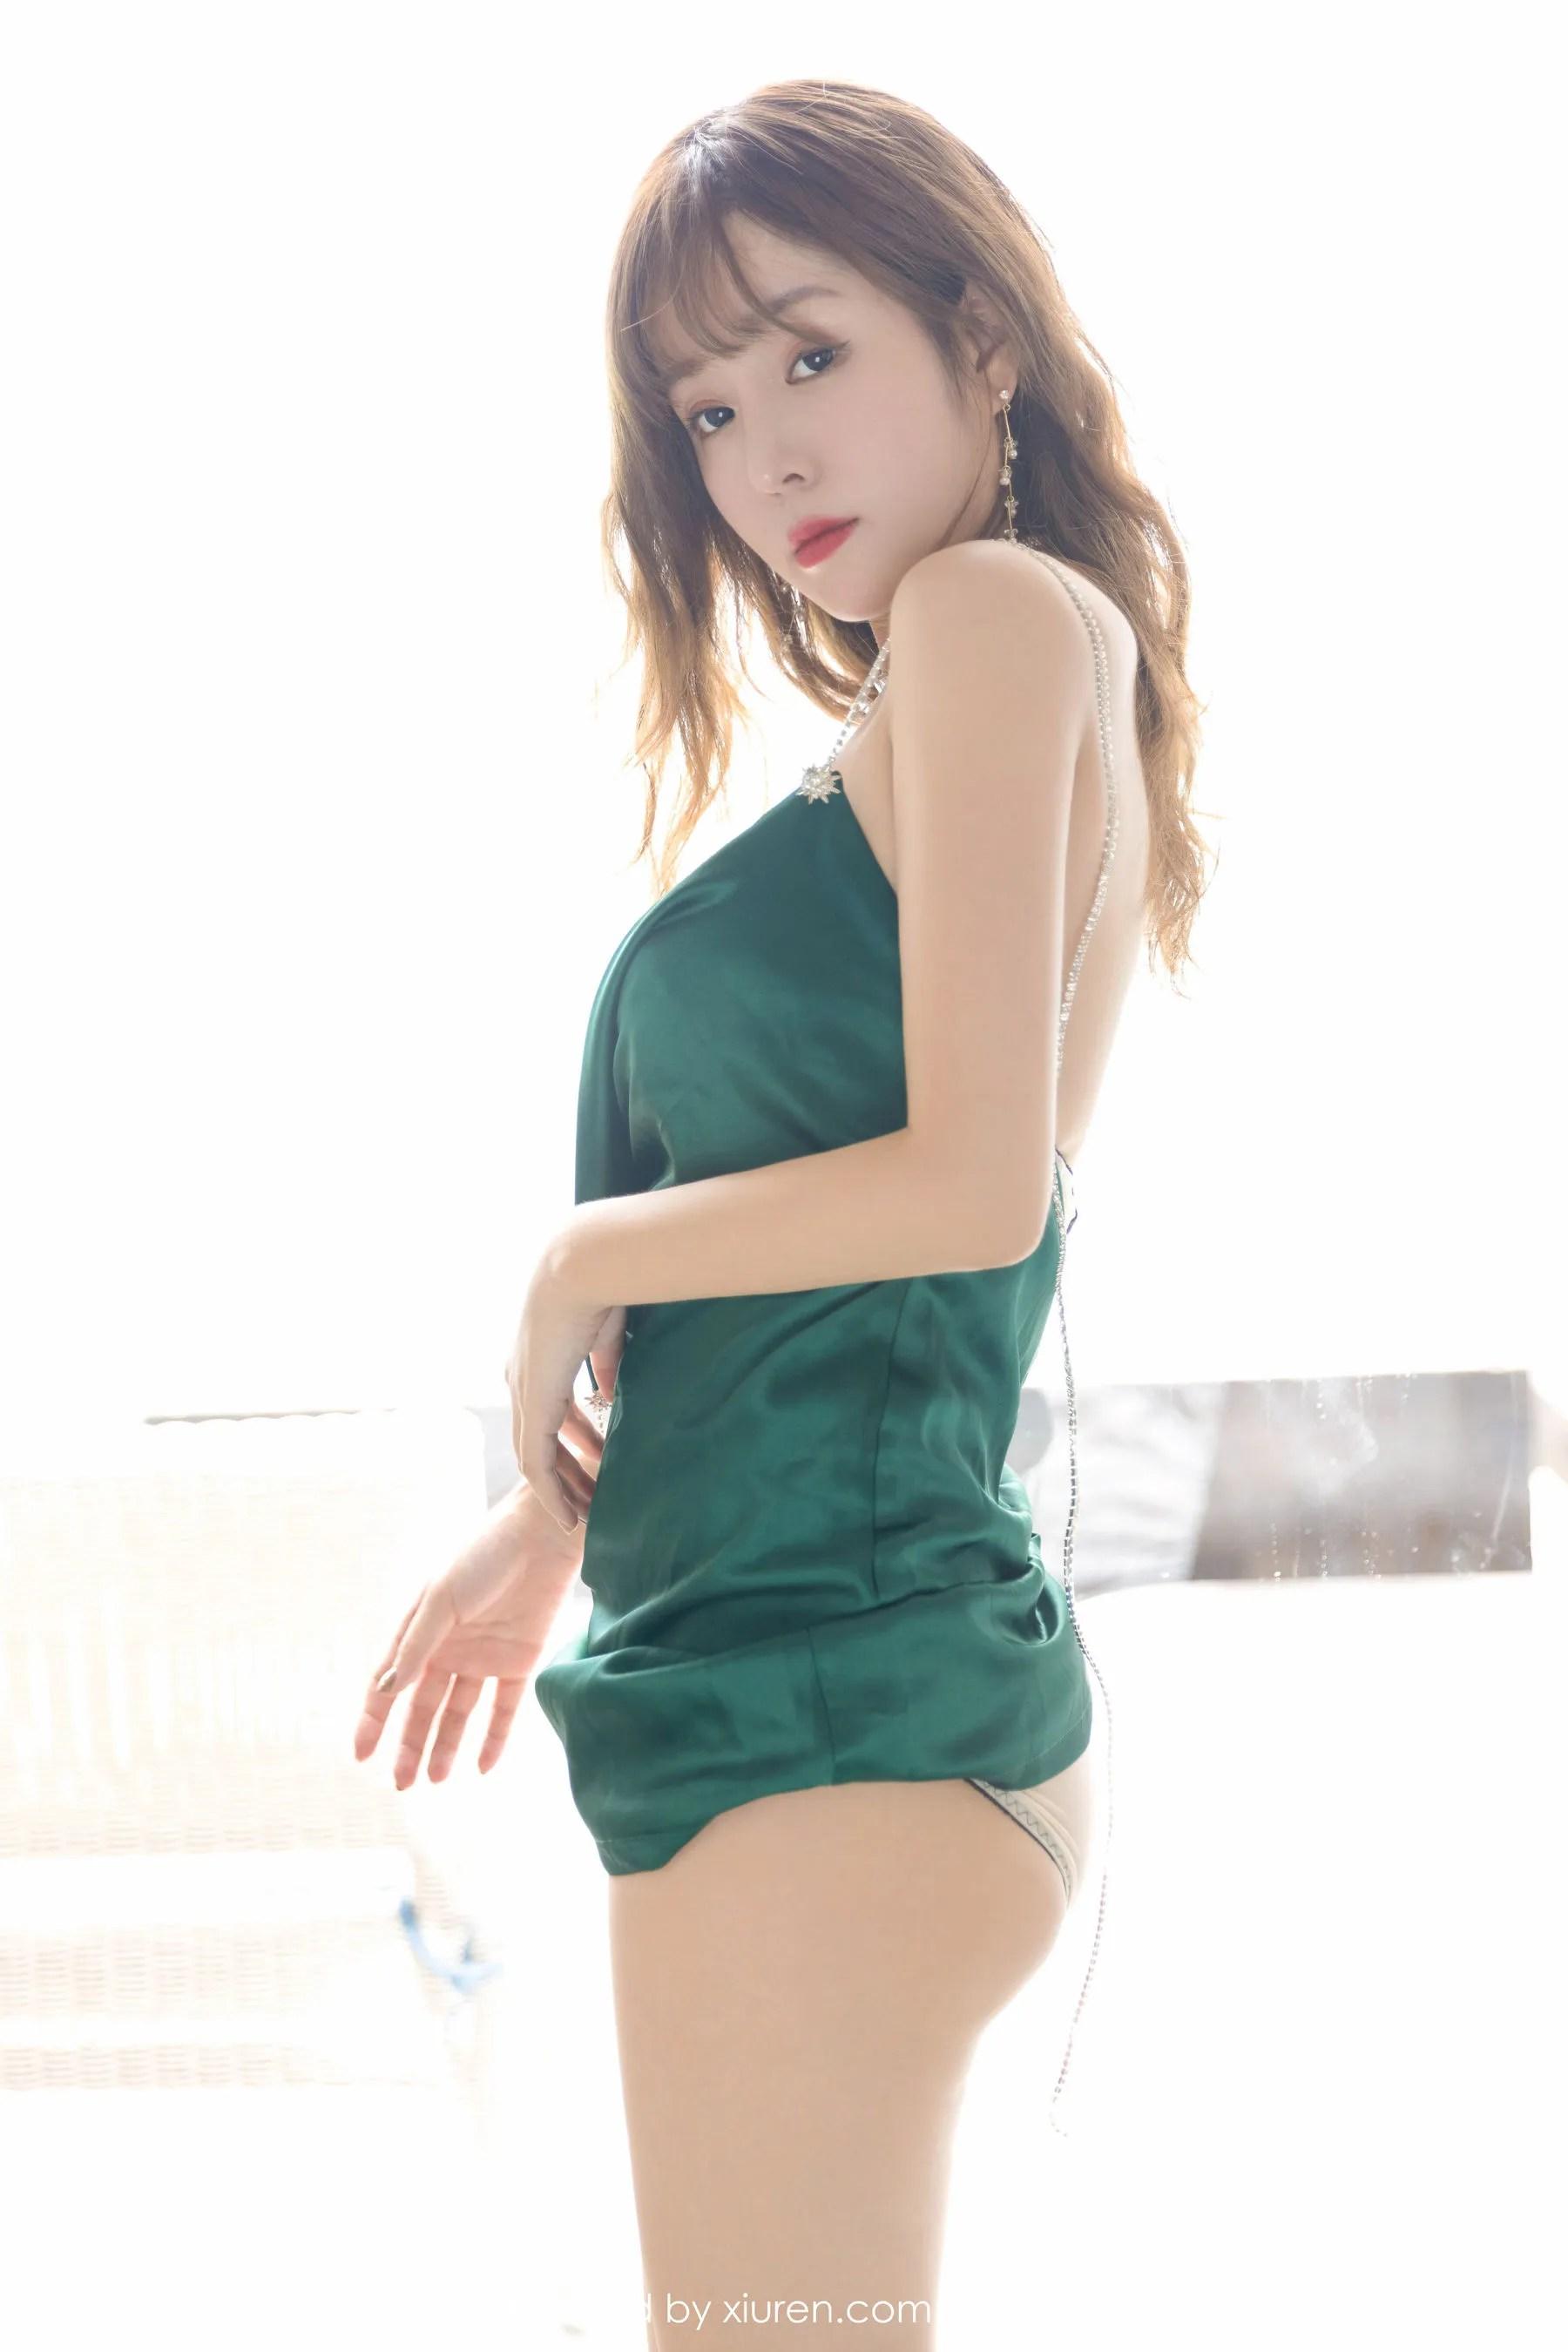 图片[12] - 王雨纯《婀娜御姐》 [尤蜜荟YouMi] Vol.390 写真集[51P] - 唯独你没懂